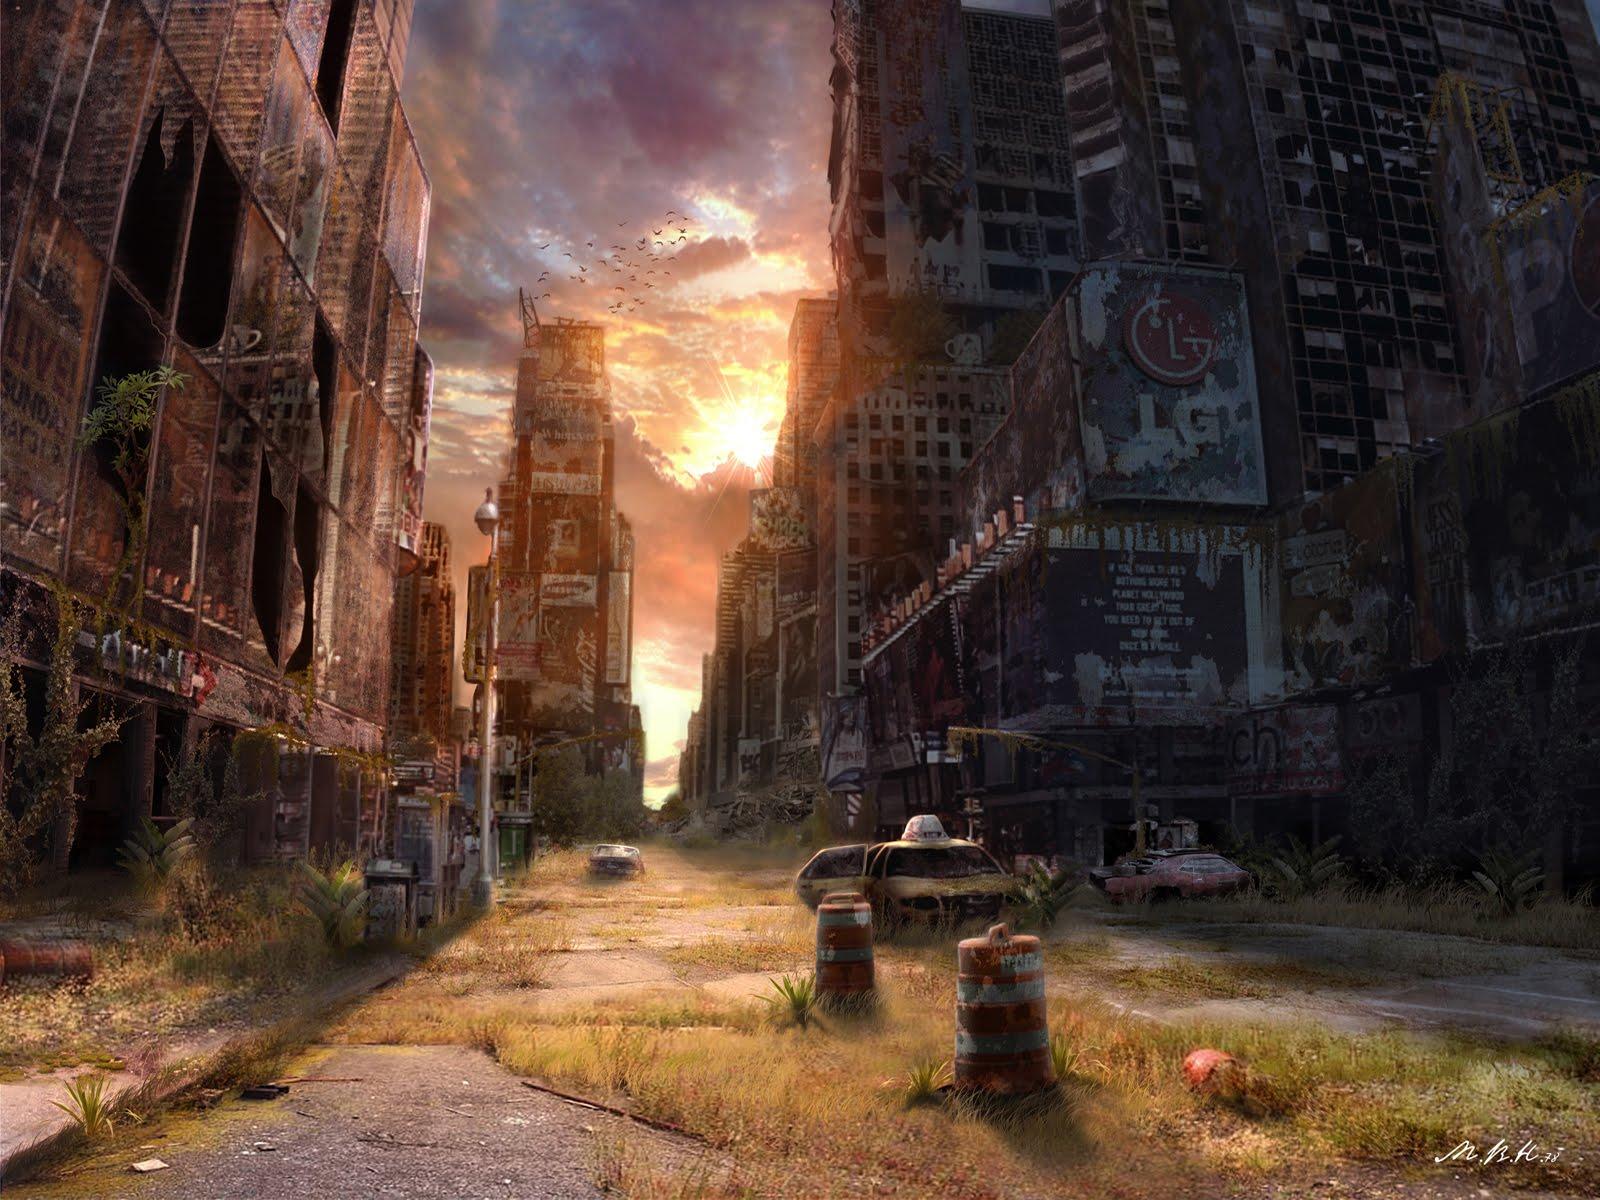 Apocalypse Wallpaper Of City